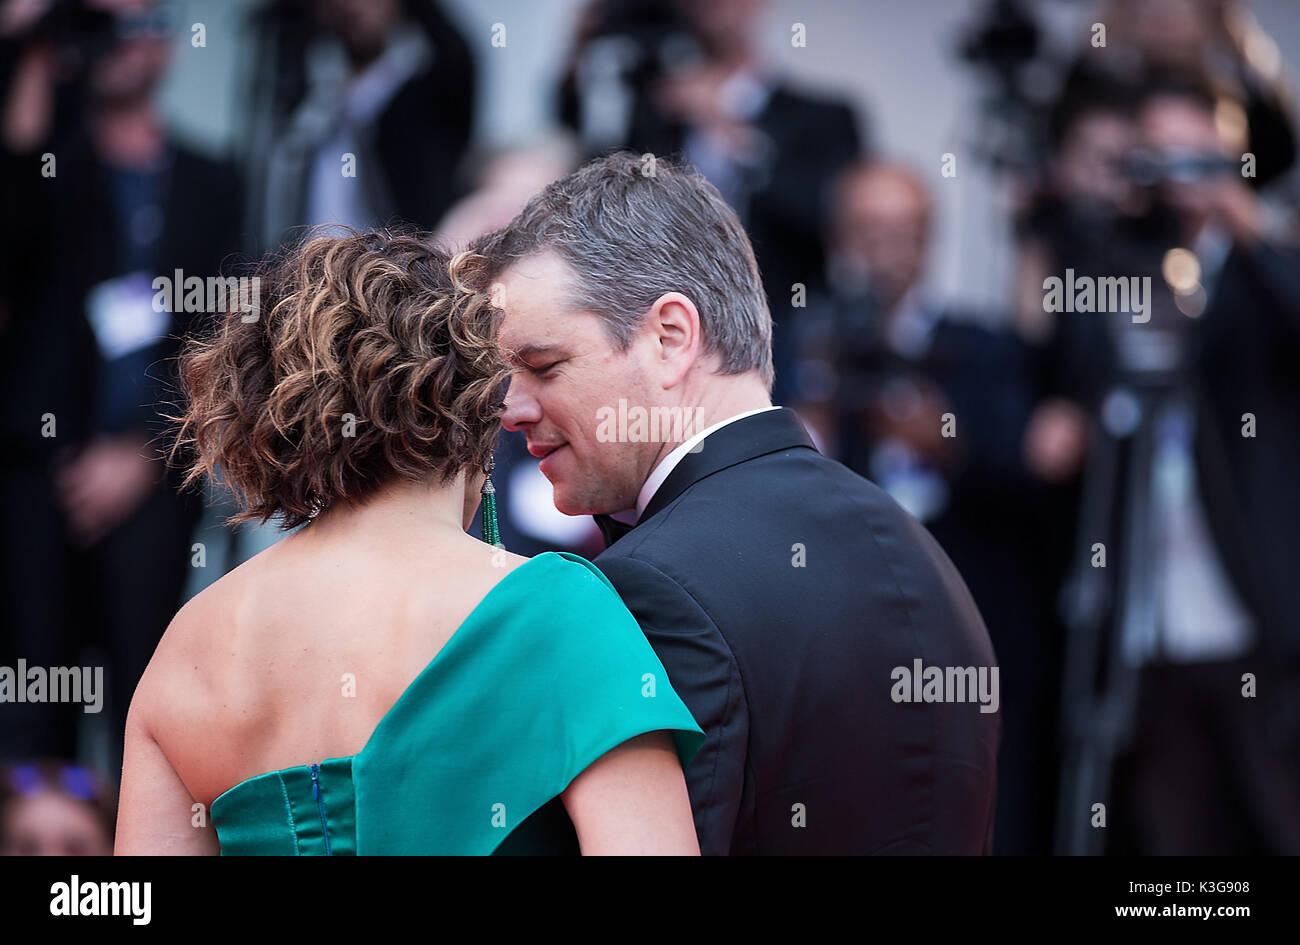 Venecia, Italia. 2Nd Sep, 2017. El actor Matt Damon (R) y su esposa Luciana Barroso asistir al estreno de la película 'Suburbicon' en competición en la 74ª Mostra de Venecia, Italia, el 2 de septiembre de 2017. Crédito: Jin Yu/Xinhua/Alamy Live News Imagen De Stock